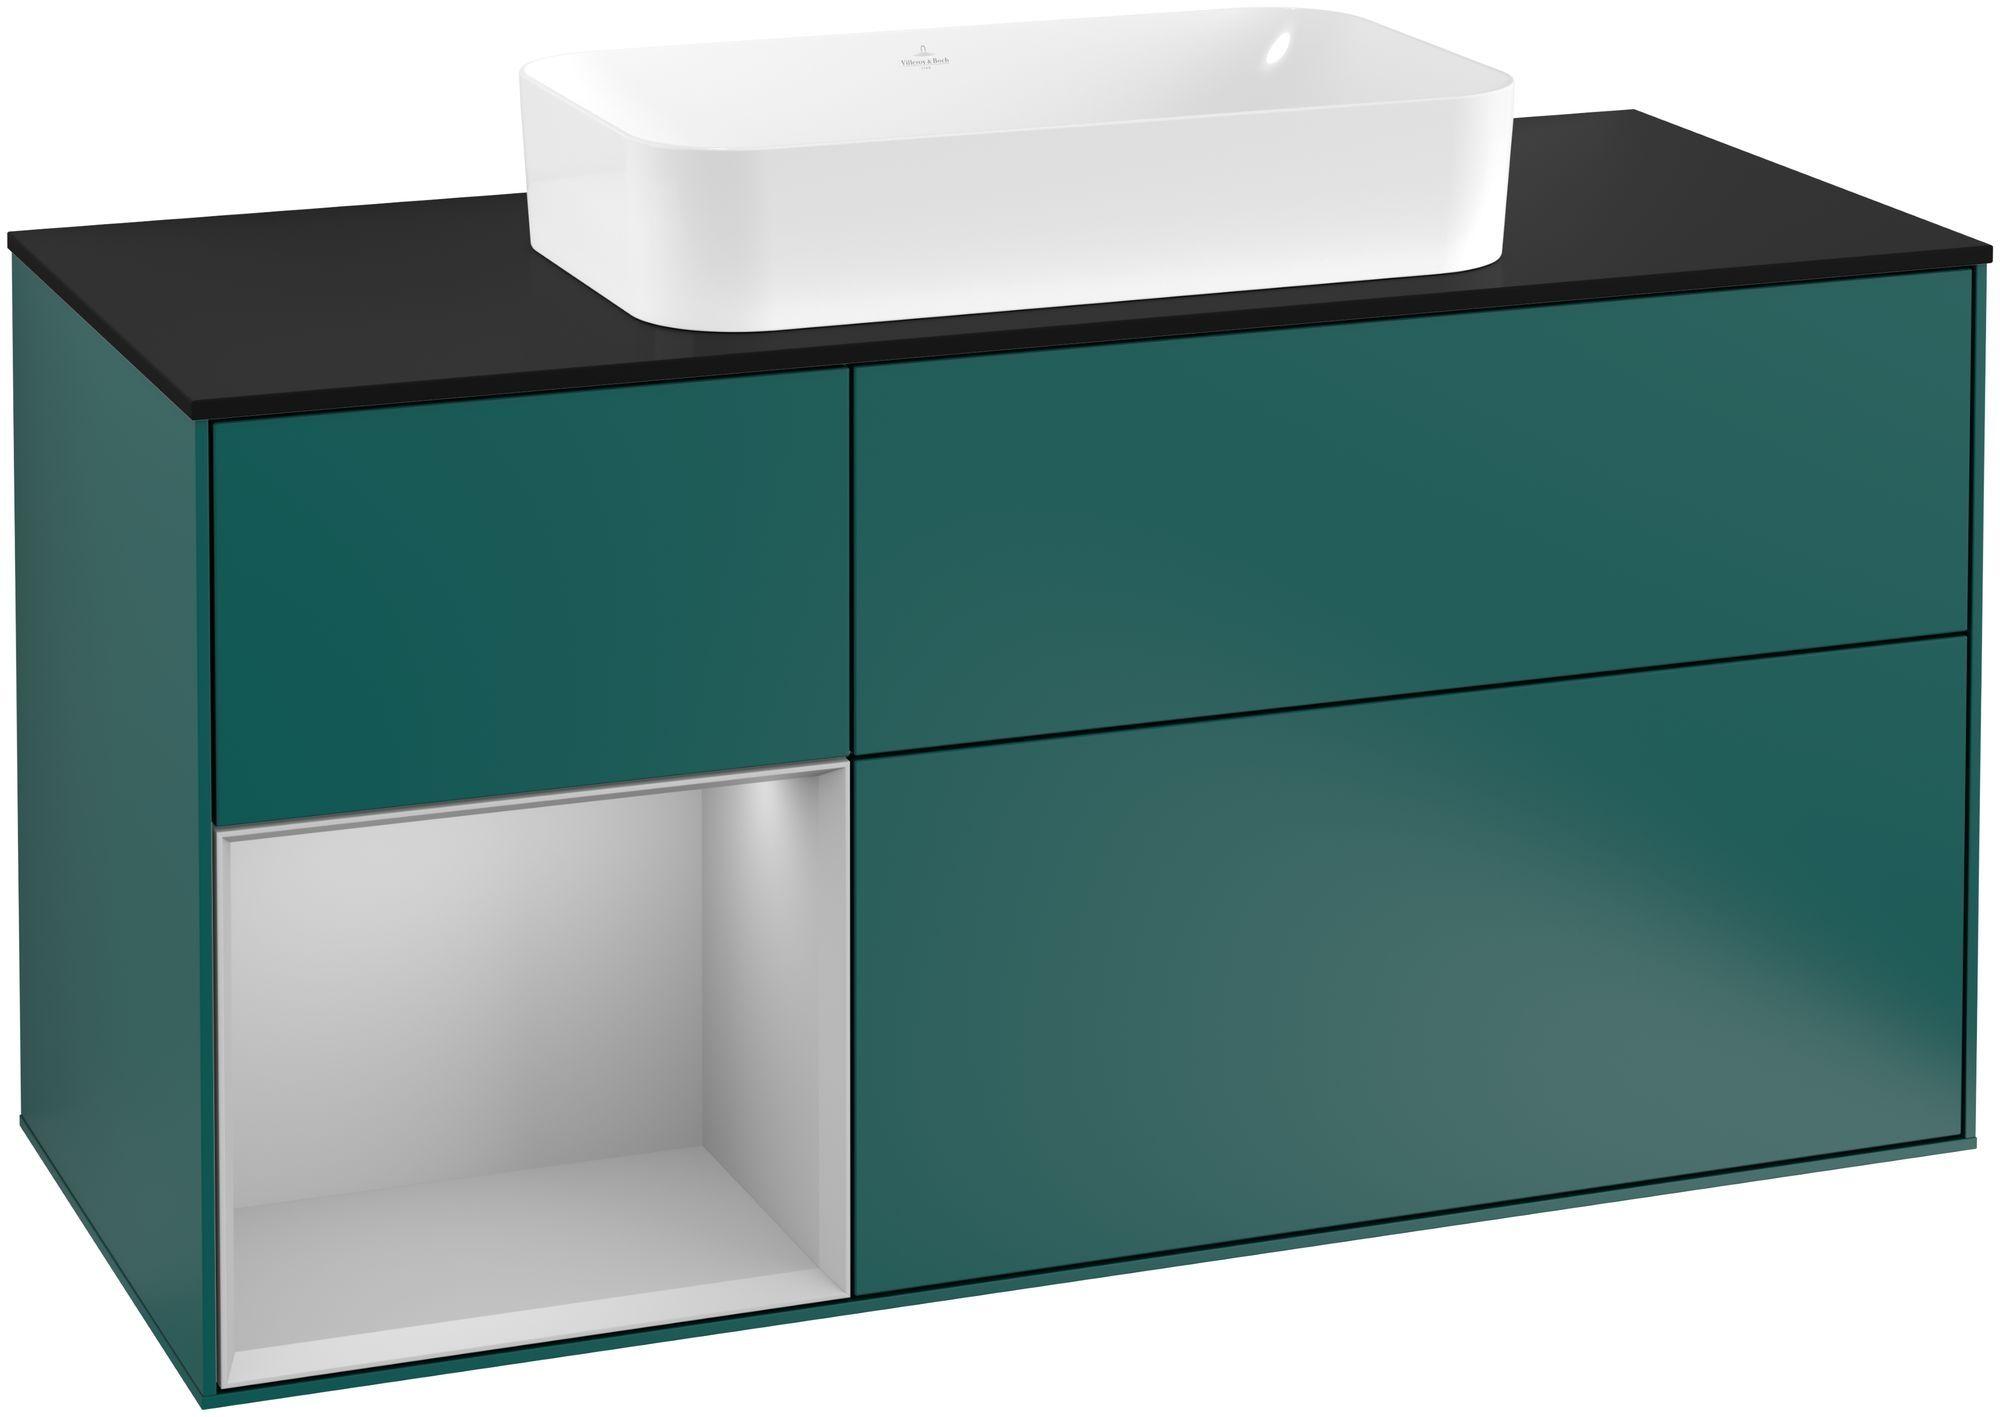 Villeroy & Boch Finion G29 Waschtischunterschrank mit Regalelement 3 Auszüge Waschtisch mittig LED-Beleuchtung B:120xH:60,3xT:50,1cm Front, Korpus: Cedar, Regal: Light Grey Matt, Glasplatte: Black Matt G292GJGS